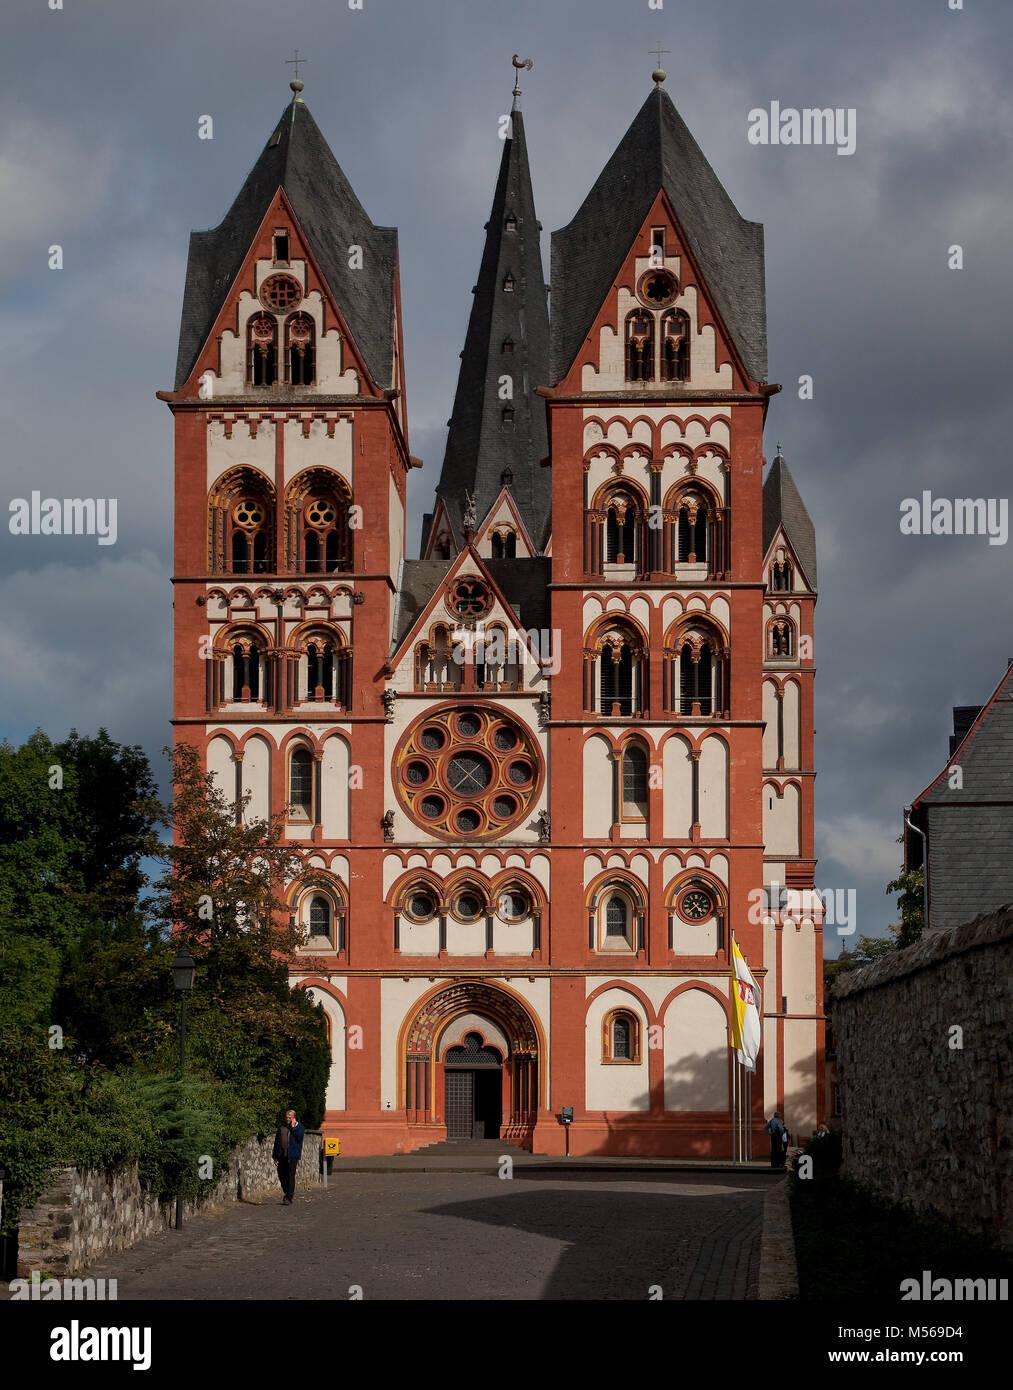 Limburg ein der Lahn, Dom, Westfassade Stockbild